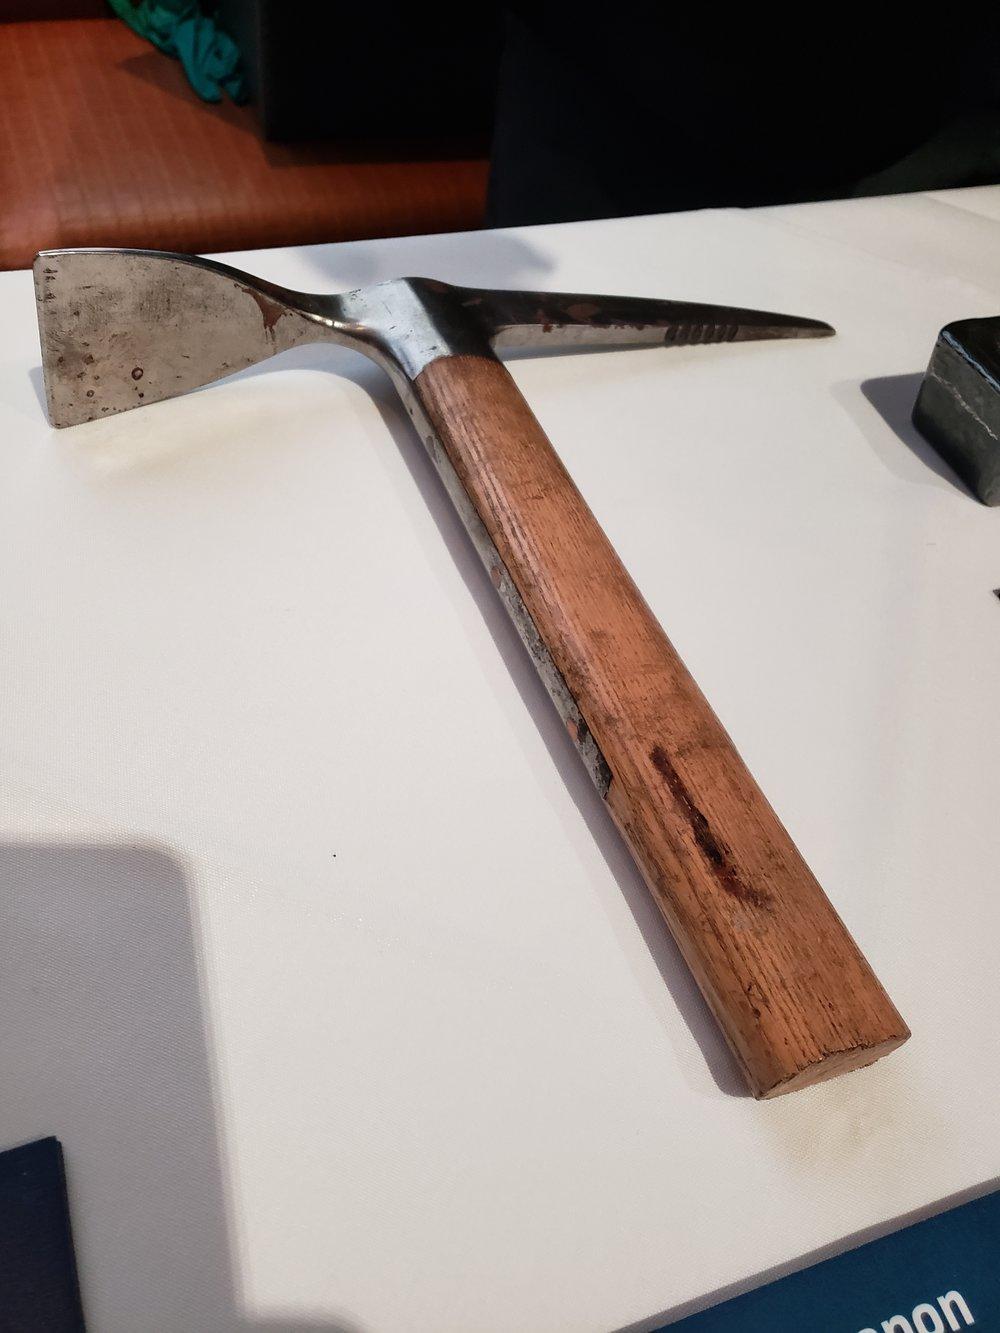 The ax used to kill Leon Trotsky. Photo: James Panero.